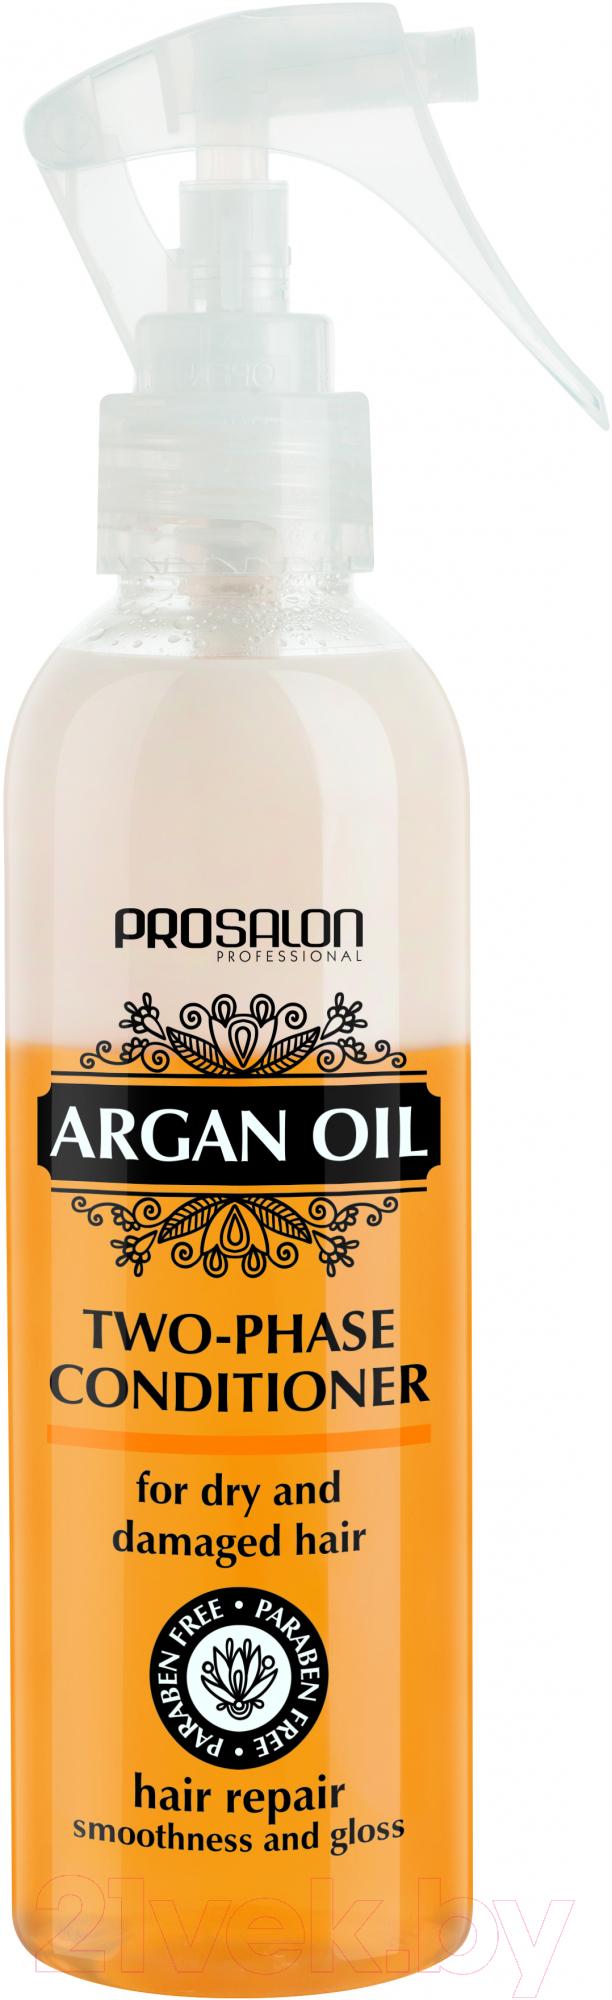 Купить Кондиционер-спрей для волос Prosalon, Argan Oil двухфазный (200мл), Польша, Argan Oil (Prosalon)